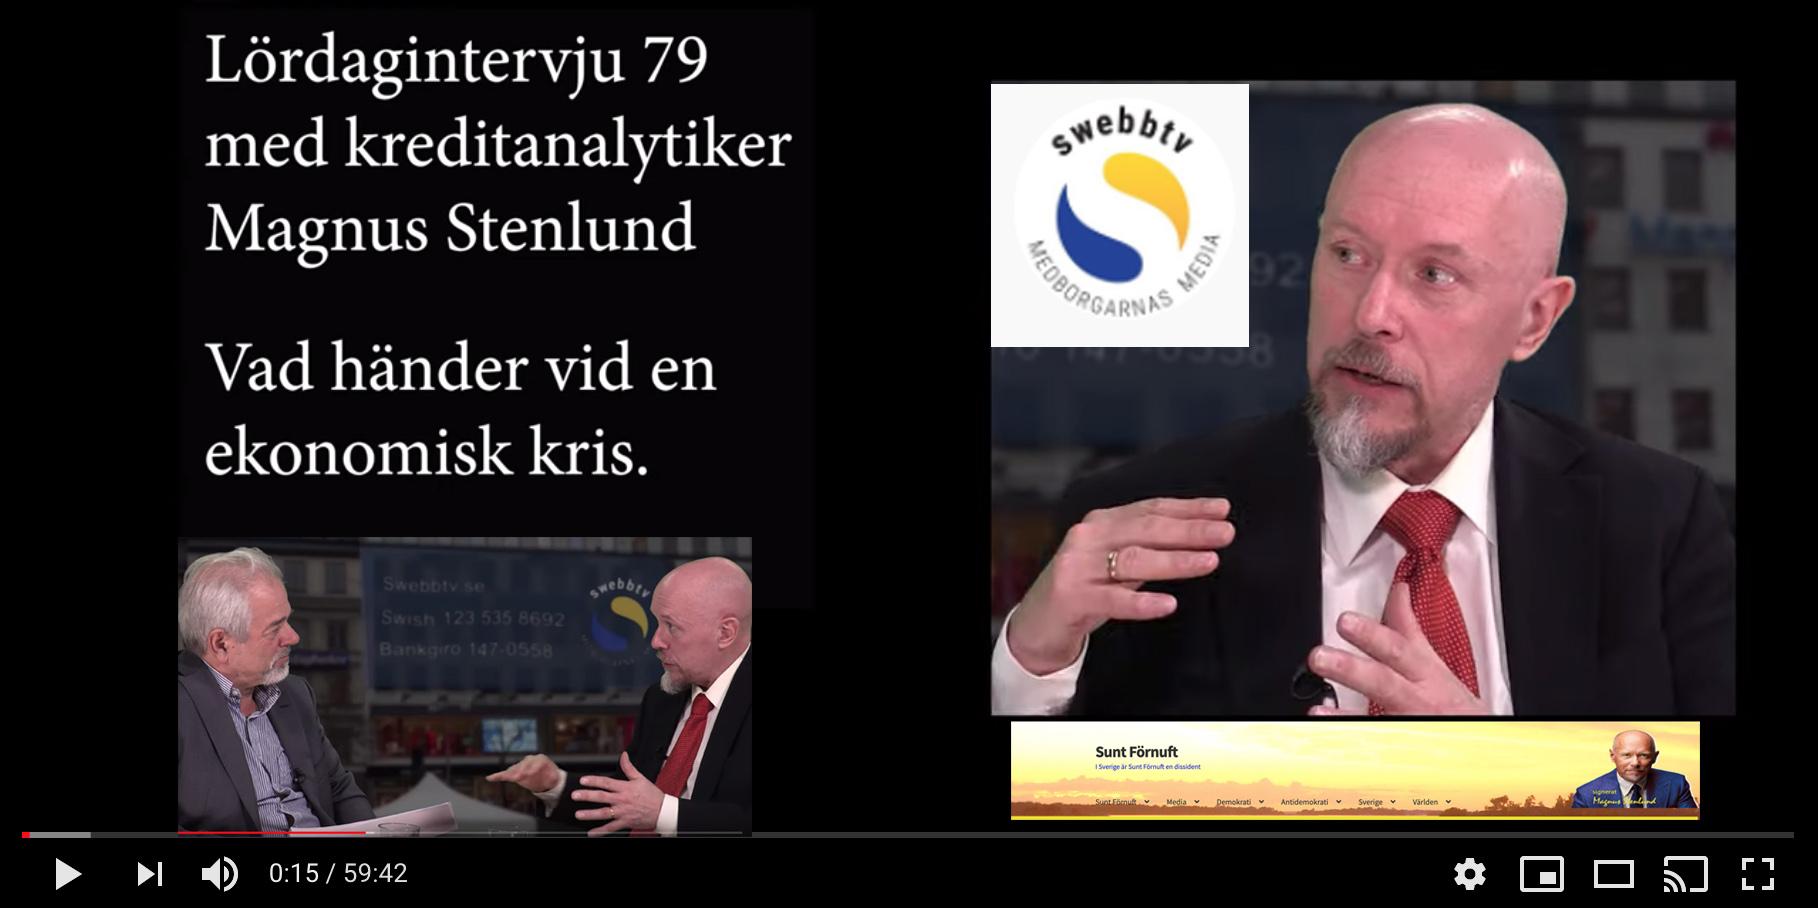 Swebbtv lördagsintervju 79 – om den finansiella krisen och hur den bör lösas.